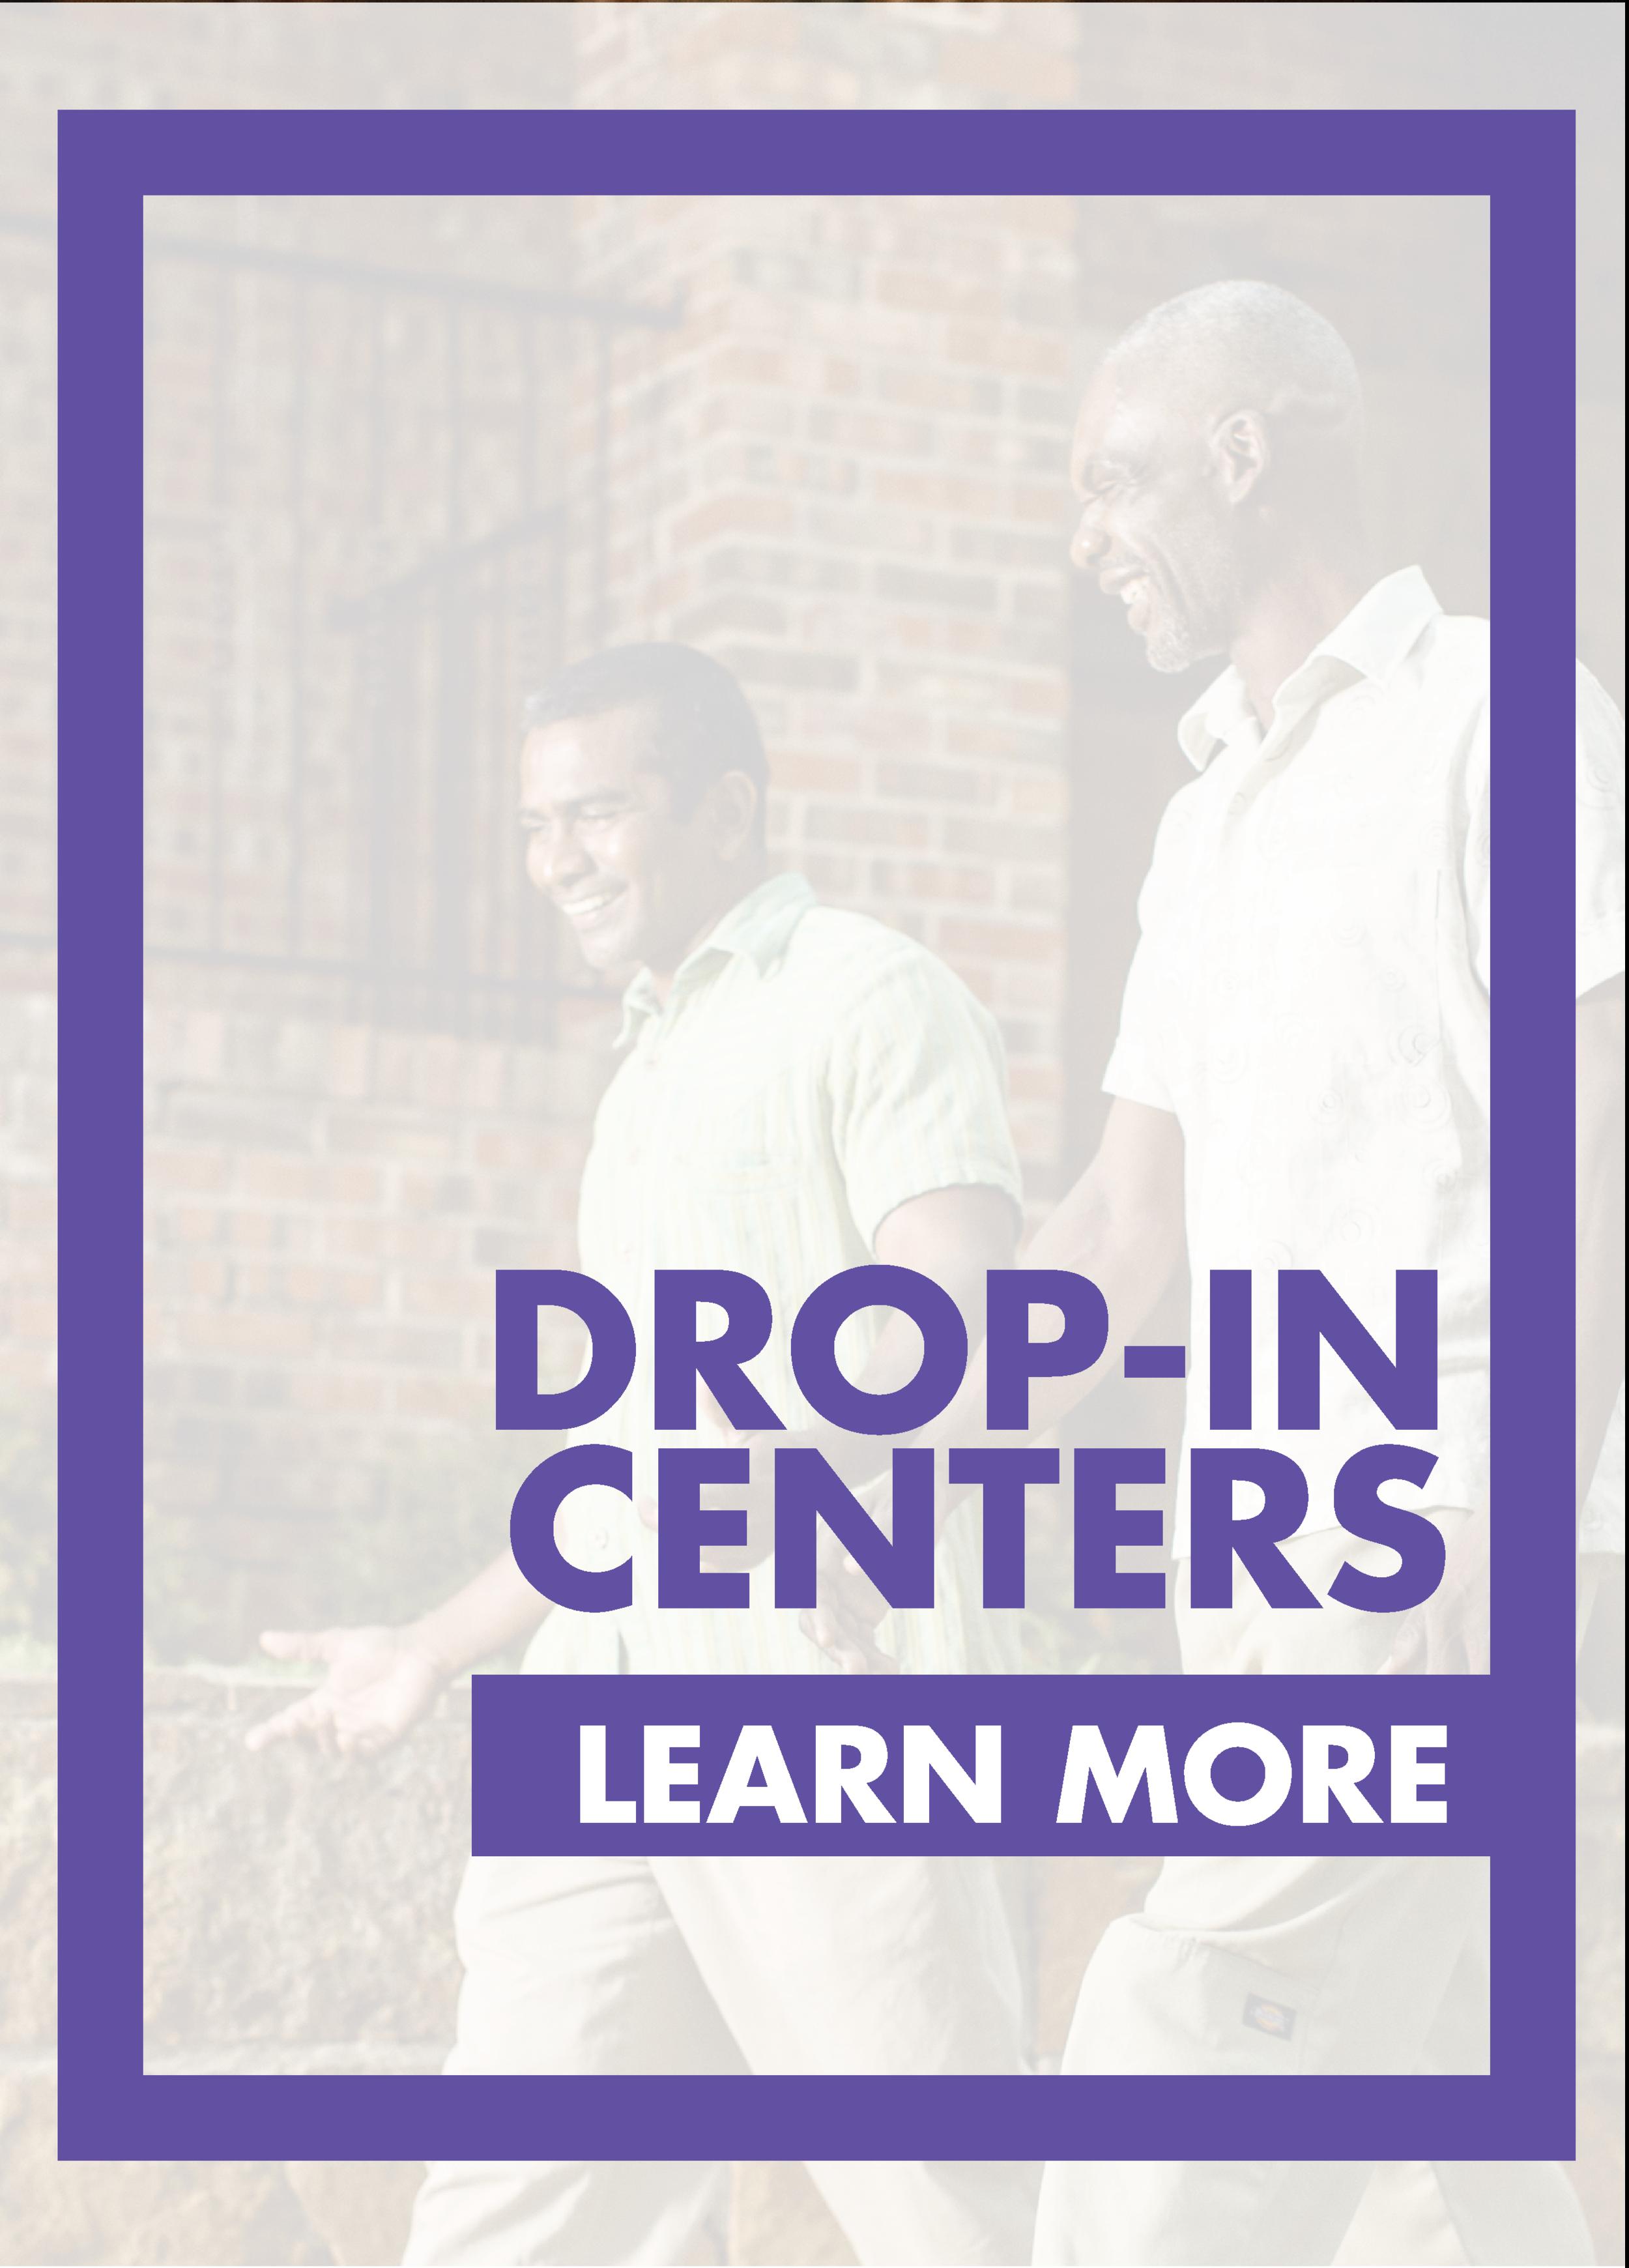 Drop-In Centers Tulsa, Drop-In Center OKC